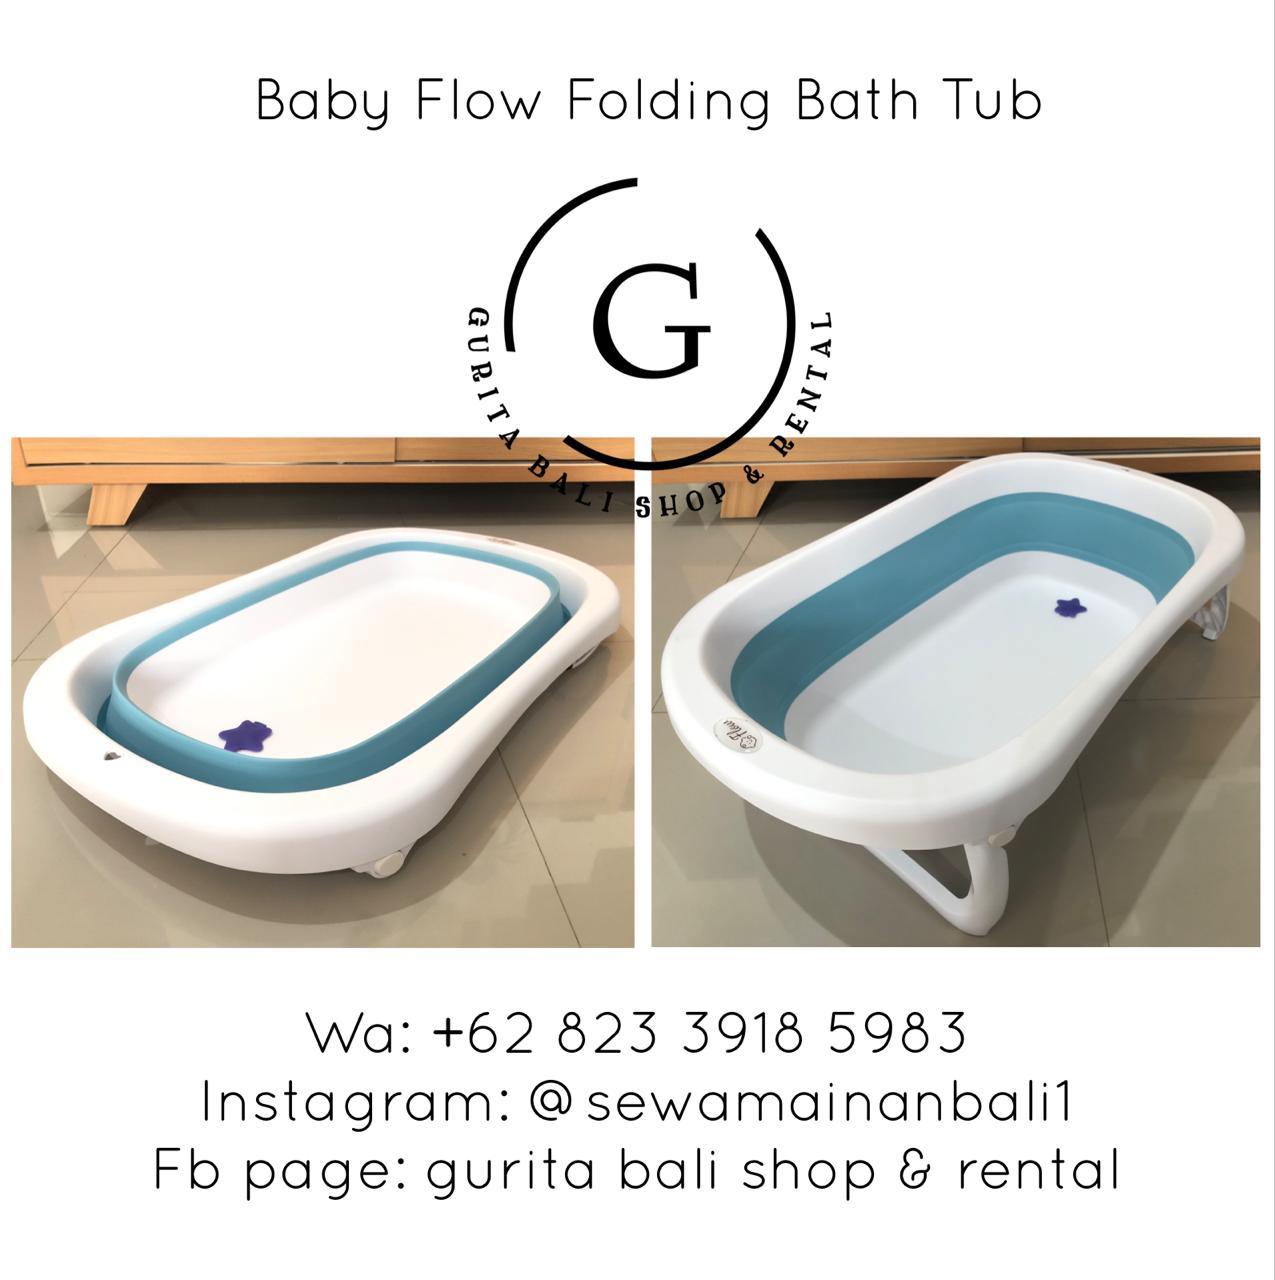 BABY FLOW FOLDING BATH TUB